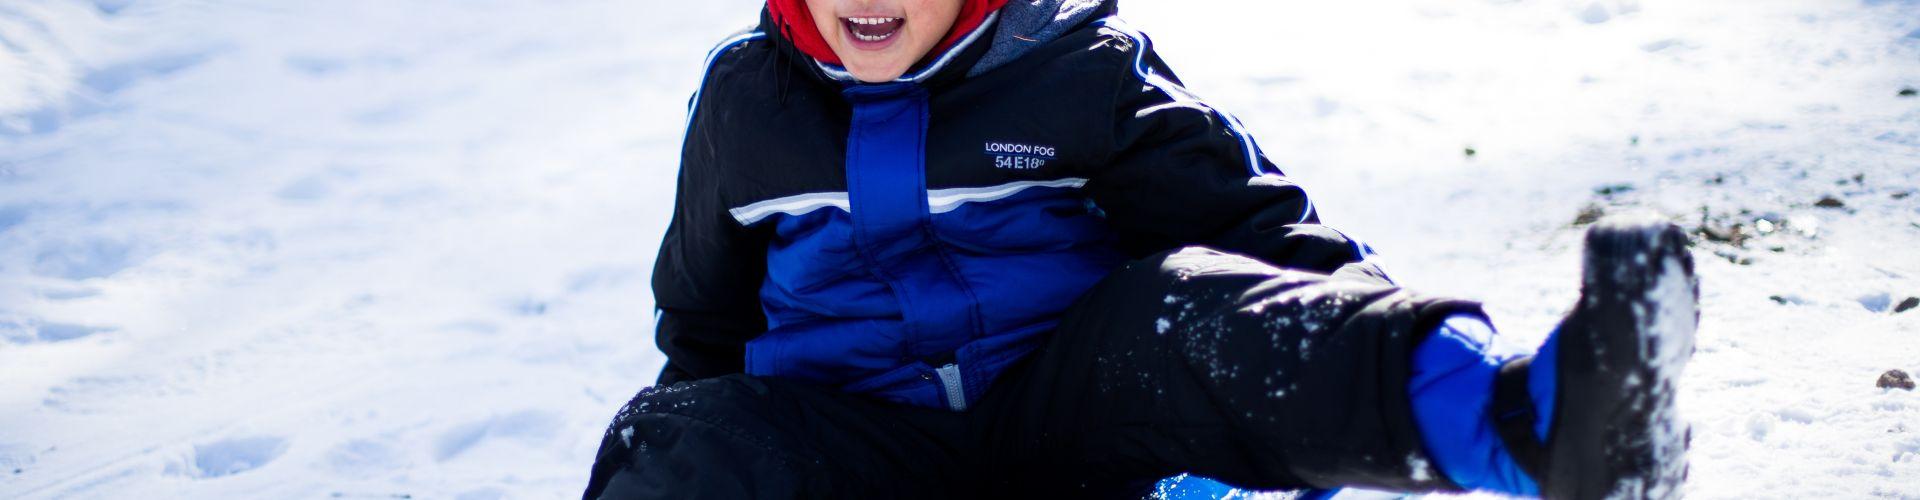 sledding baldy